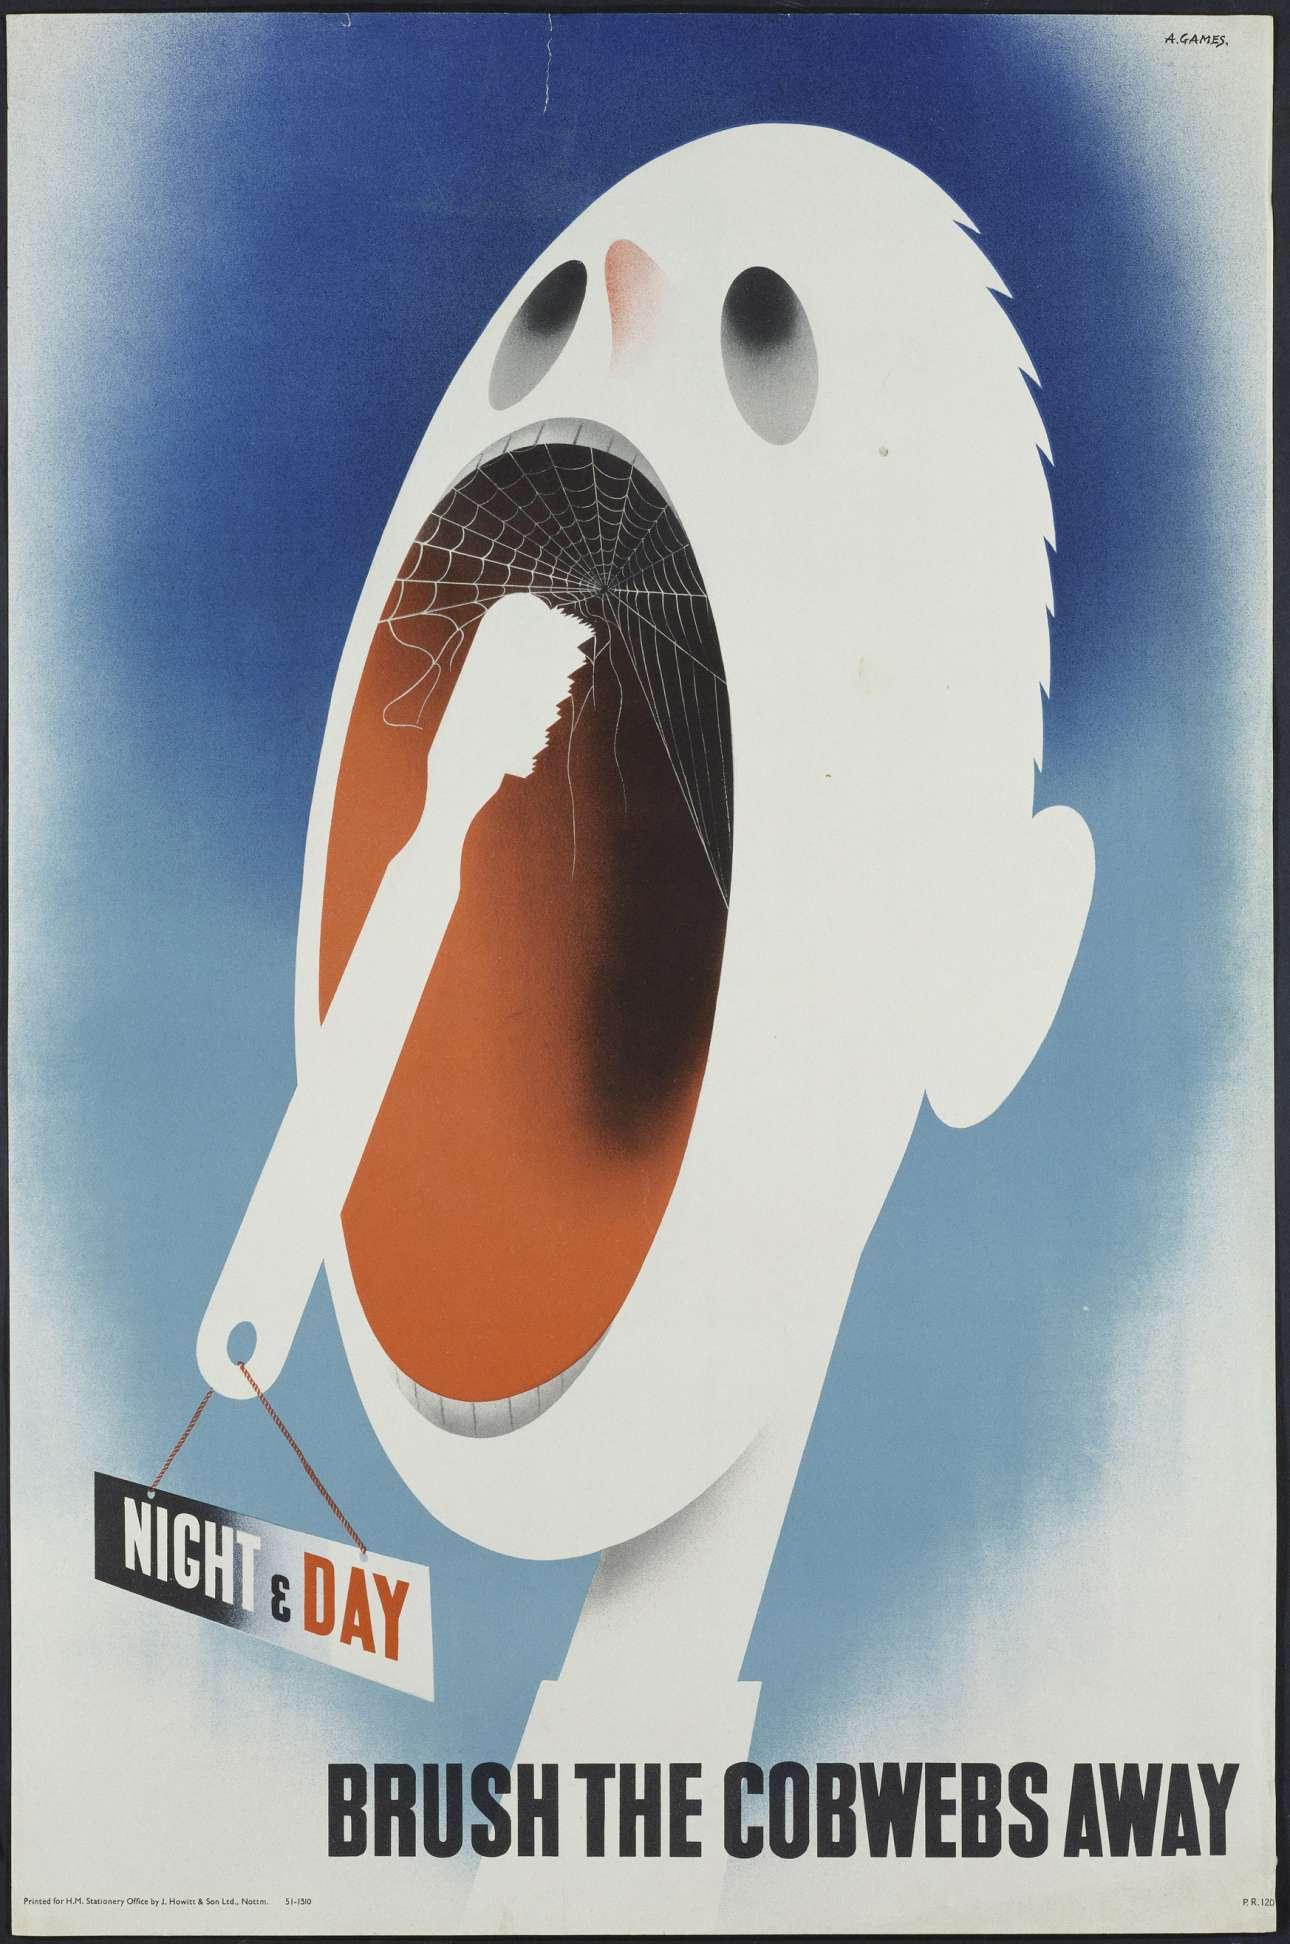 «Βουρτσίστε τους ιστούς της αραχνής μακριά» γράφει η αφίσα του 1945, σχεδιασμένη από τον Αβραάμ Γκέιμς